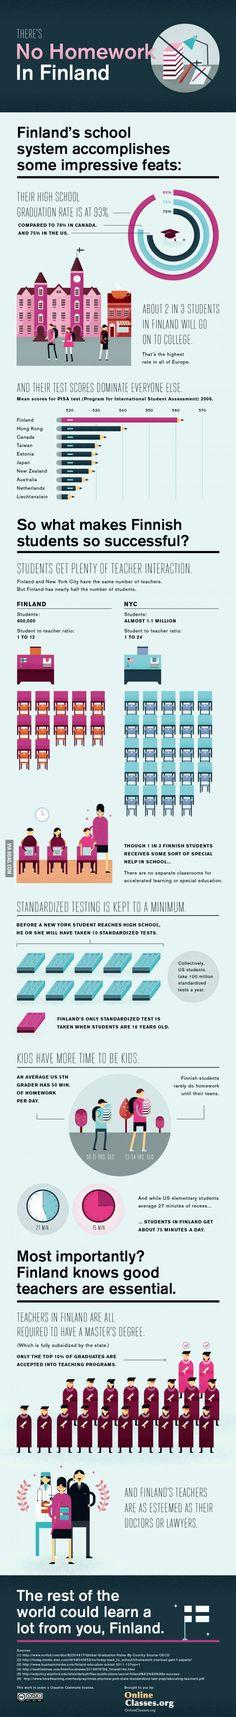 Buenos profesores y tiempo a los niños para ser niños es parte de lo que hace a Finlandia uno de los mejores sistemas educativos. Todo lo contrario al aumento de horas que se quiere dar -o ya se dio- en secundaria de nuestro país.